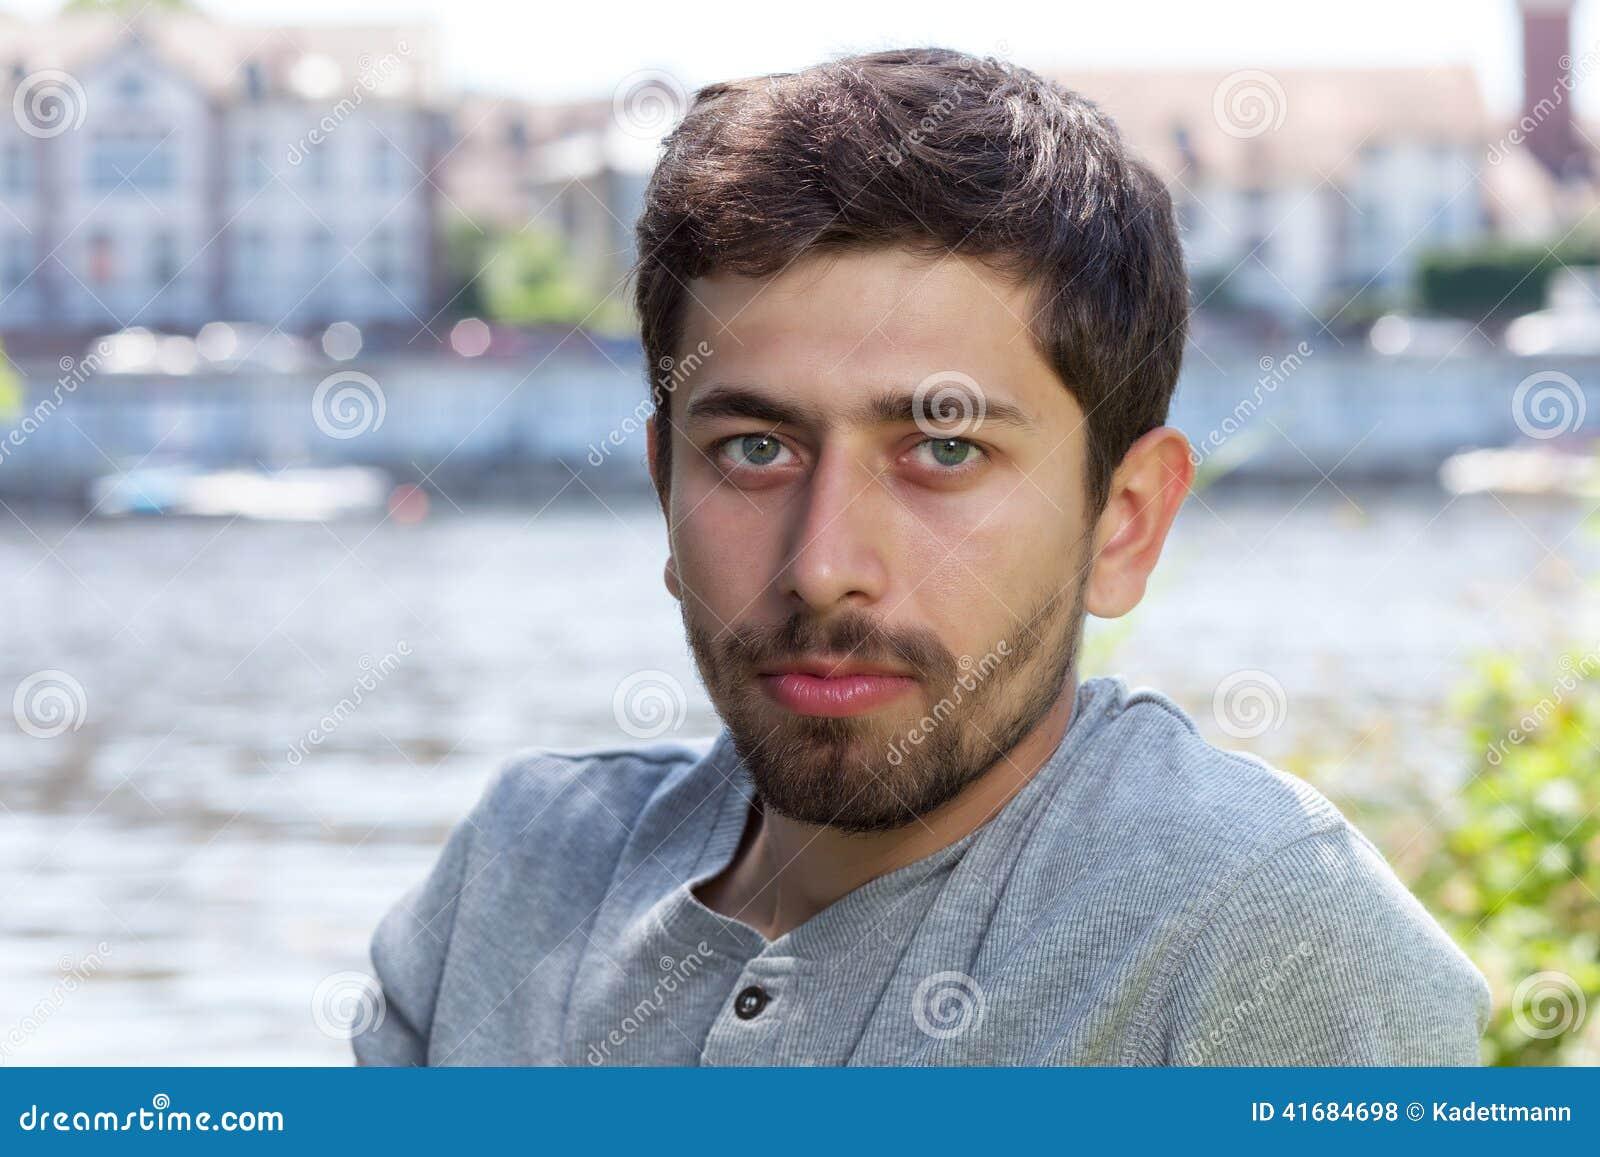 Lächelnder Mann mit Bart in einem grauen Hemd auf einem Fluss